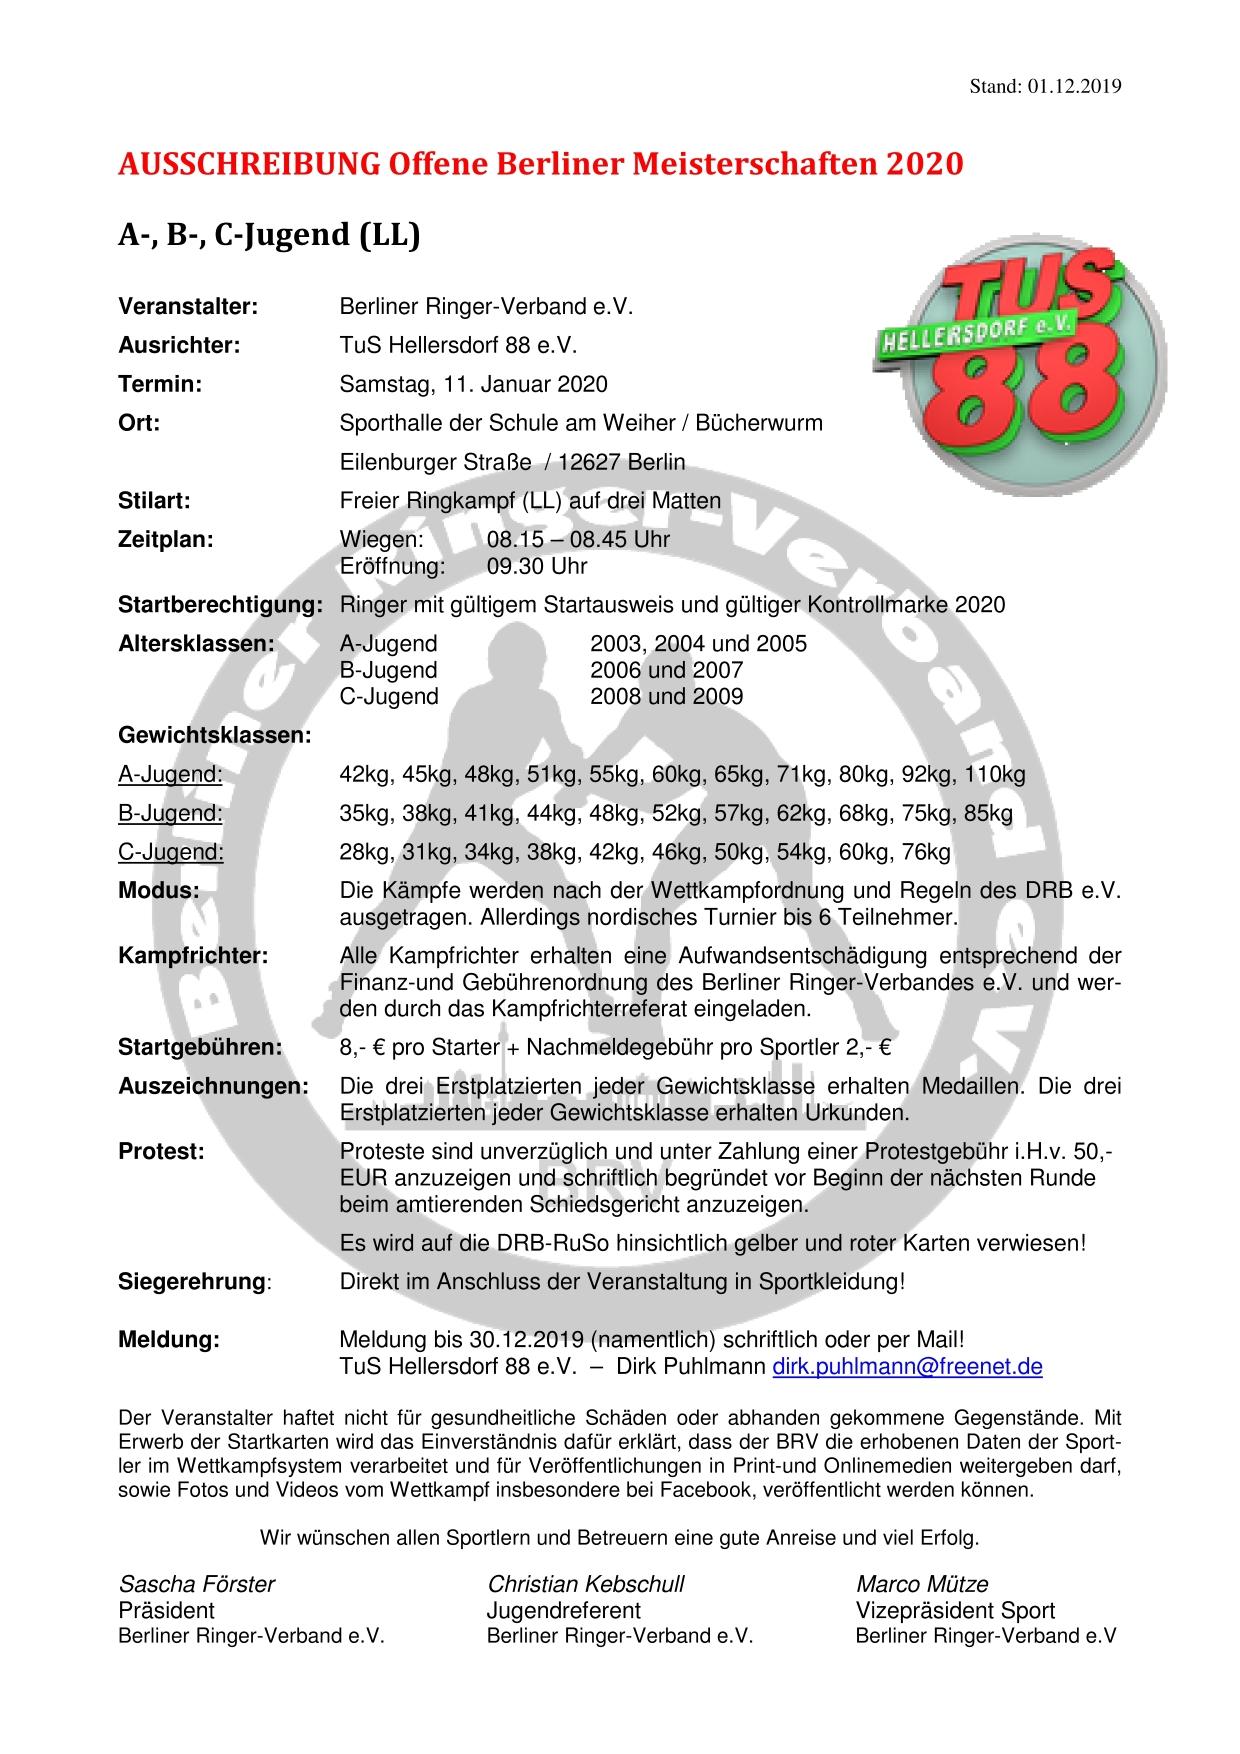 Offene Berliner Meisterschaften 2020 A-,B-,C-Jugend FS